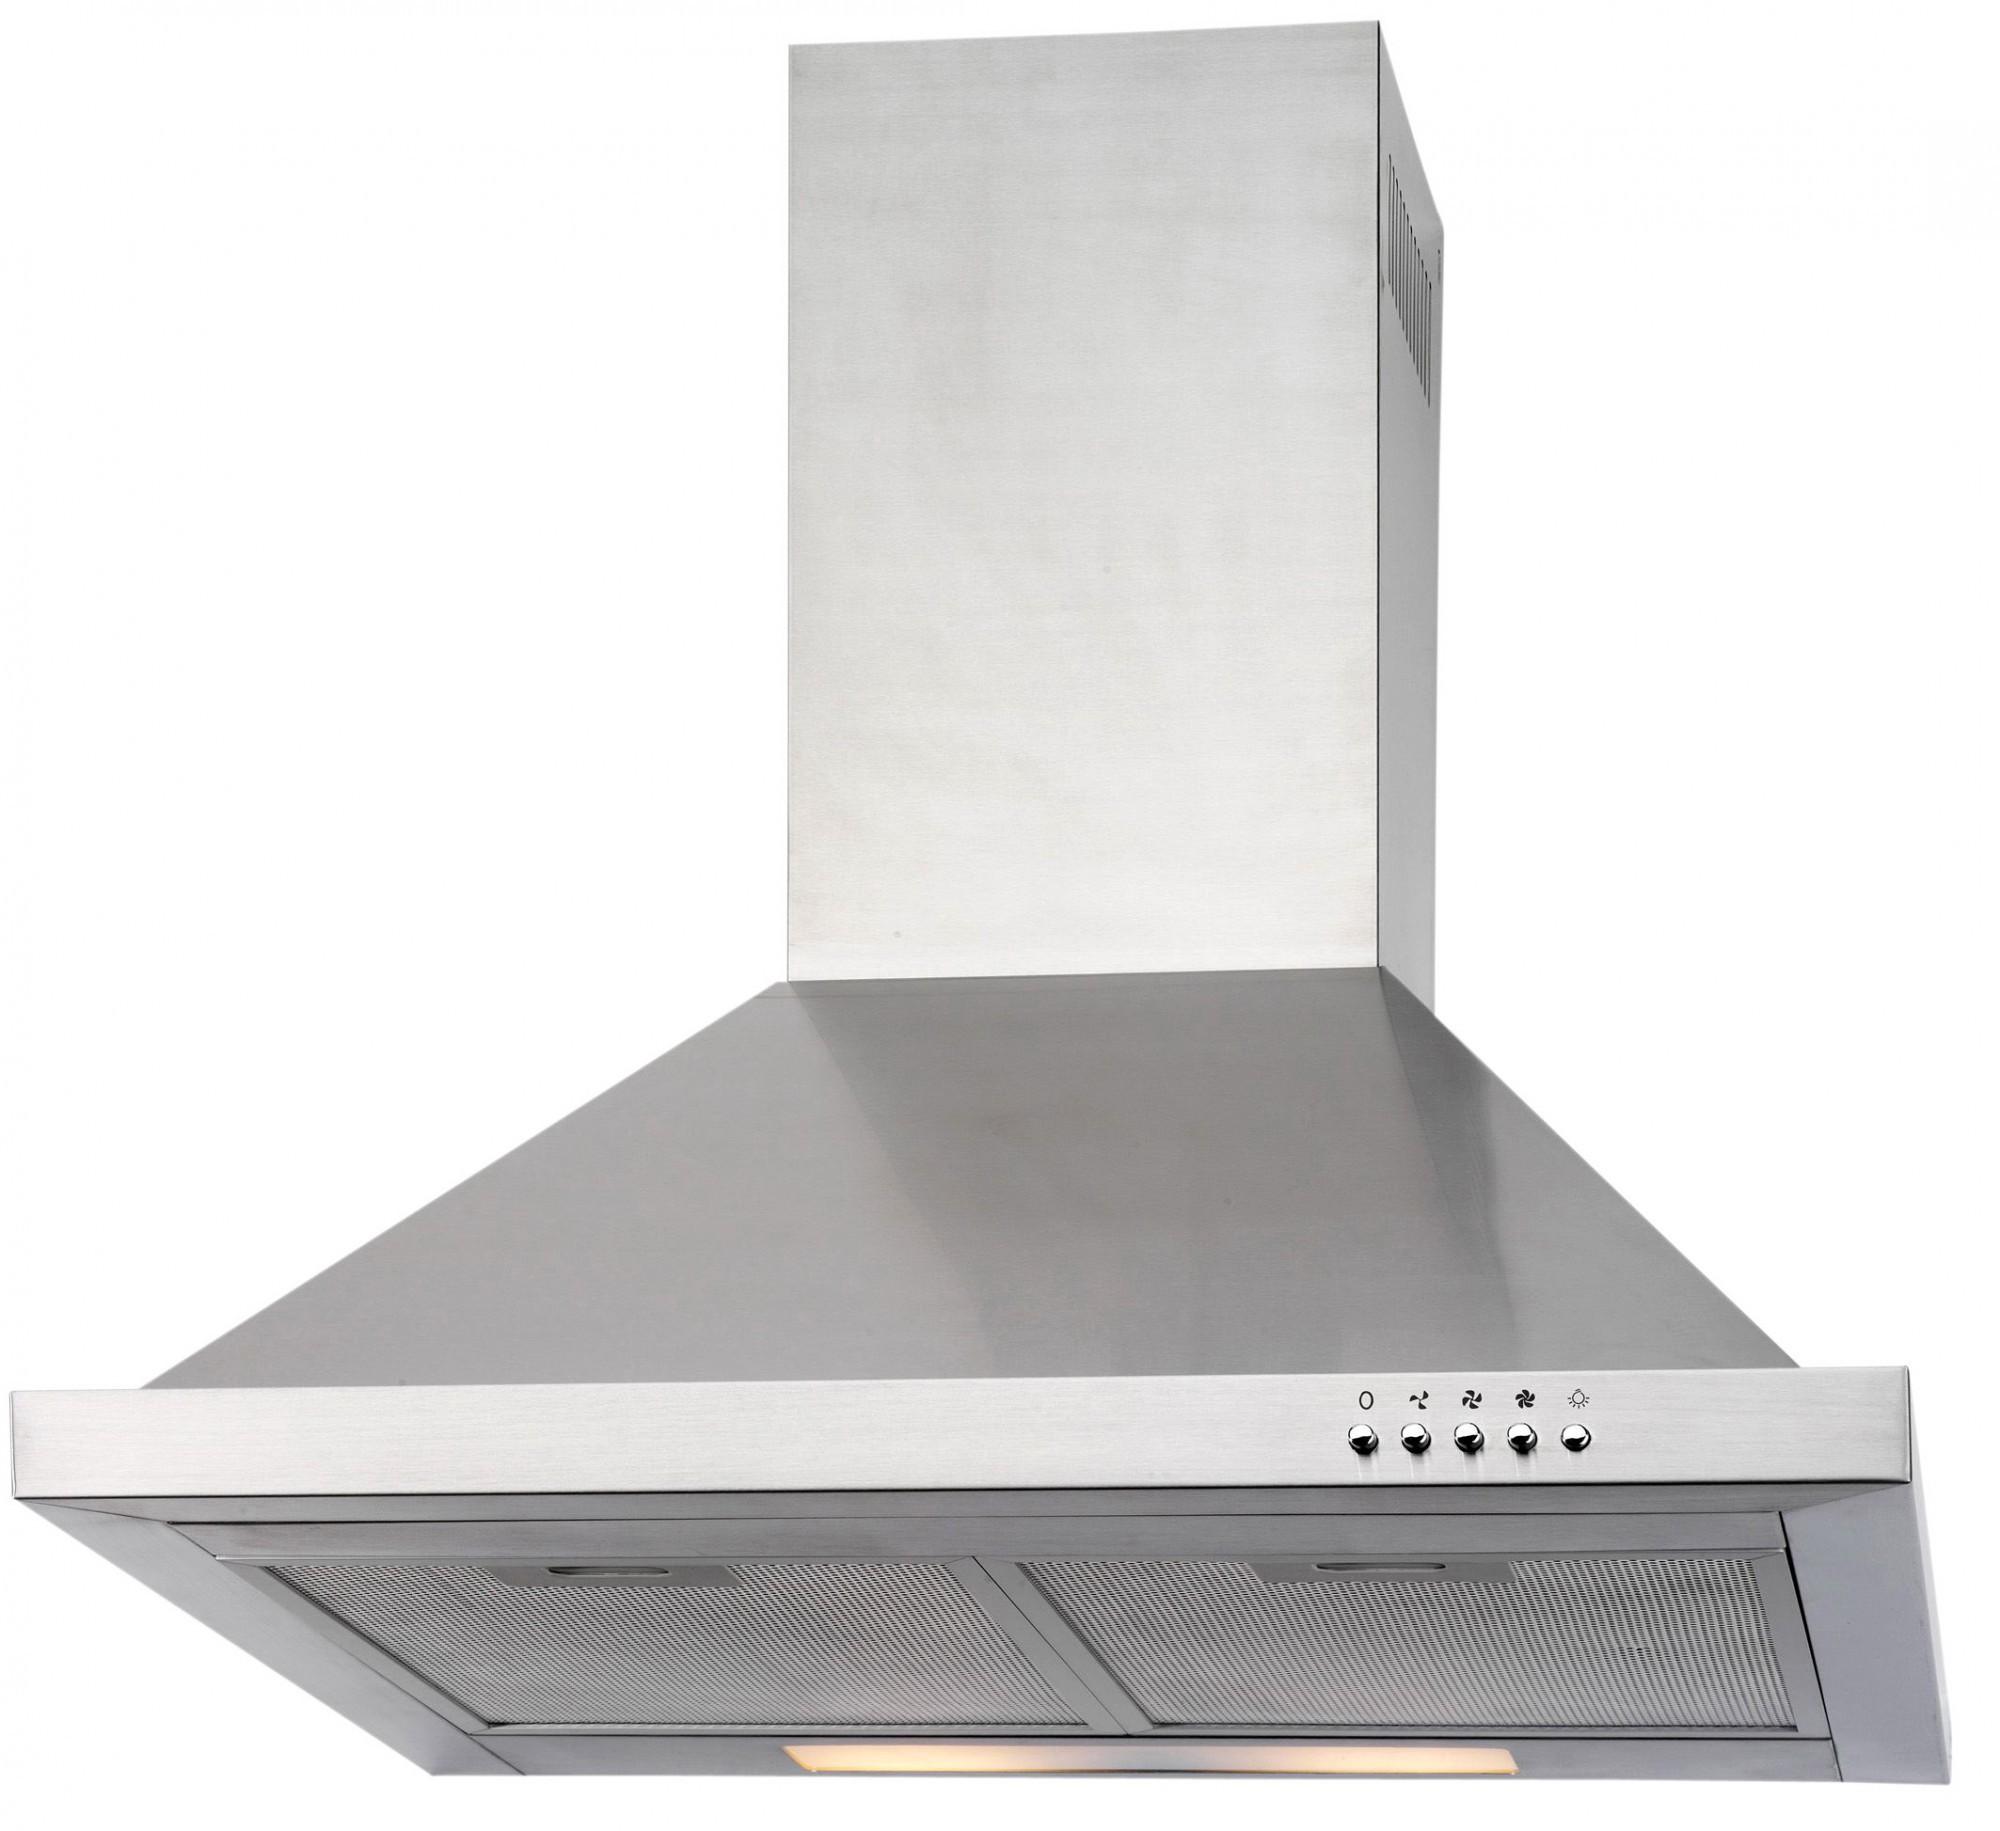 Puristische Küchenzeile ~ küchenzeile nevada küche mit e geräten breite 220 cm hochglanz weiß küche küchenzeilen